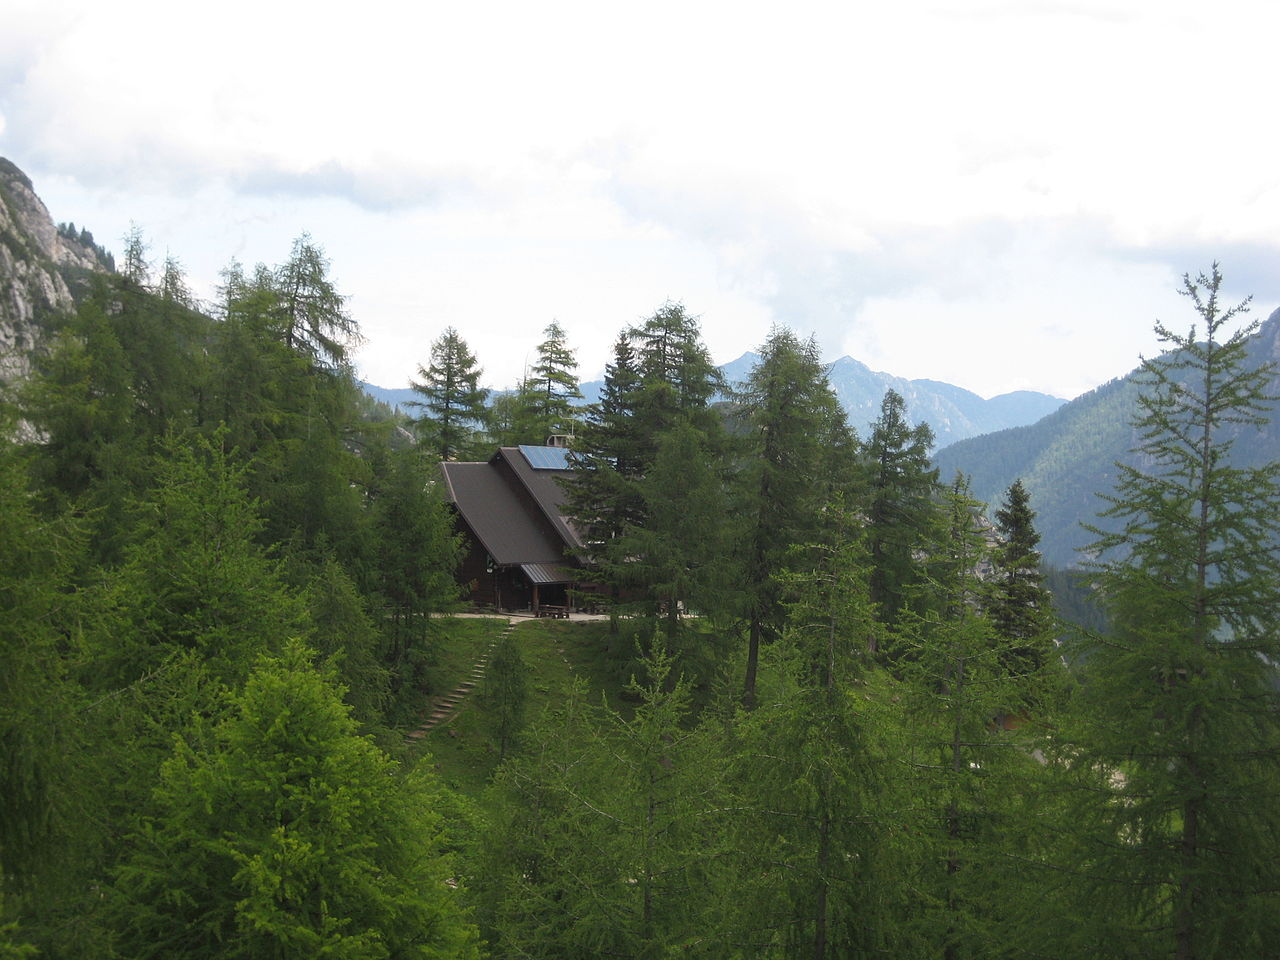 Statistika kaže, da so imele nekatere visokogorske koče lani tudi več kot 70 odstotkov tujih gostov, v povprečju so tujci letos dosegali že polovico vseh prenočitev v planinskih kočah v gorah.